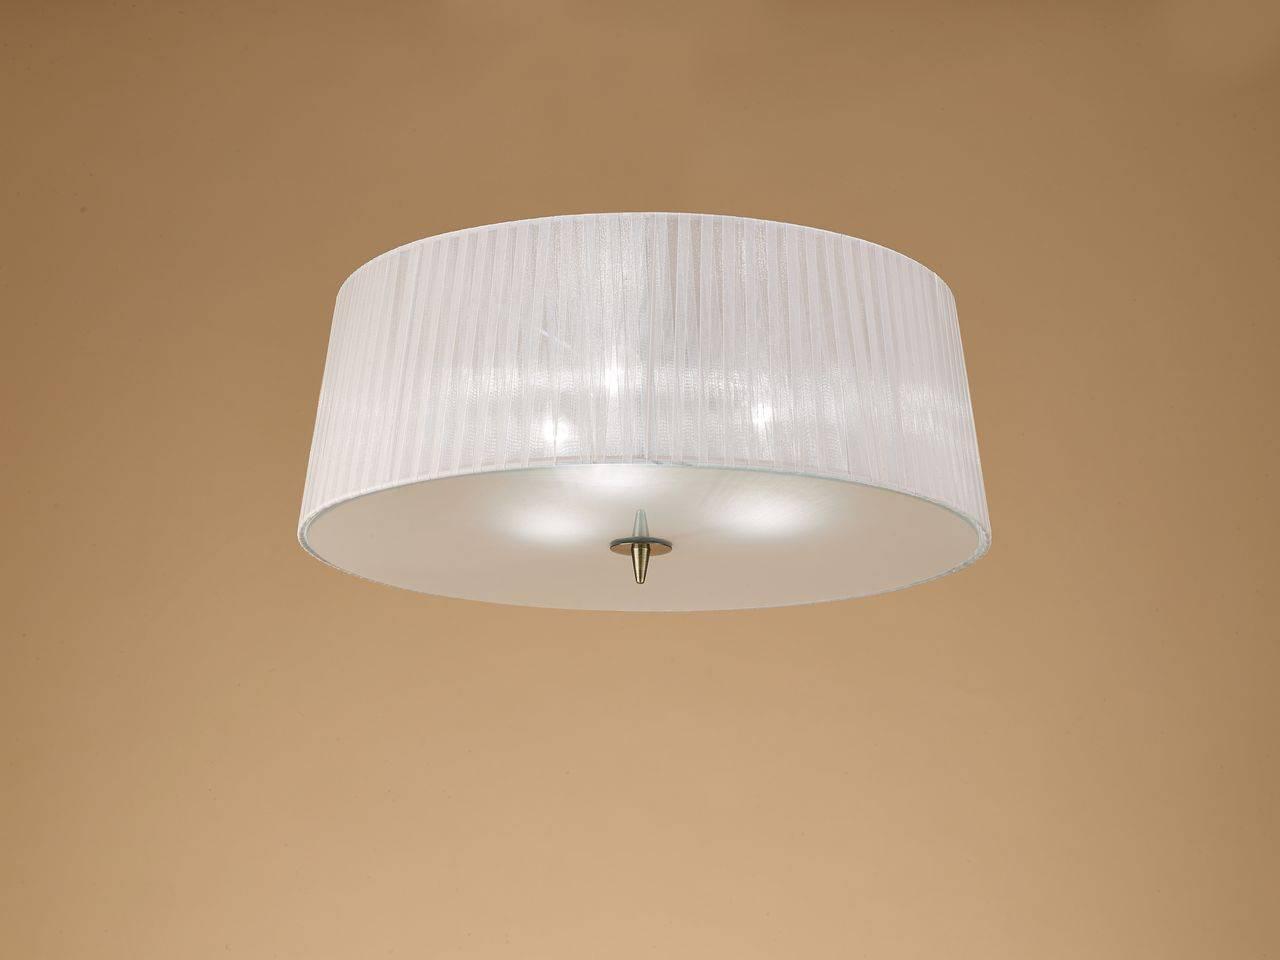 Потолочный светильник Mantra Loewe 4740 mantra потолочный светильник mantra loewe 4740